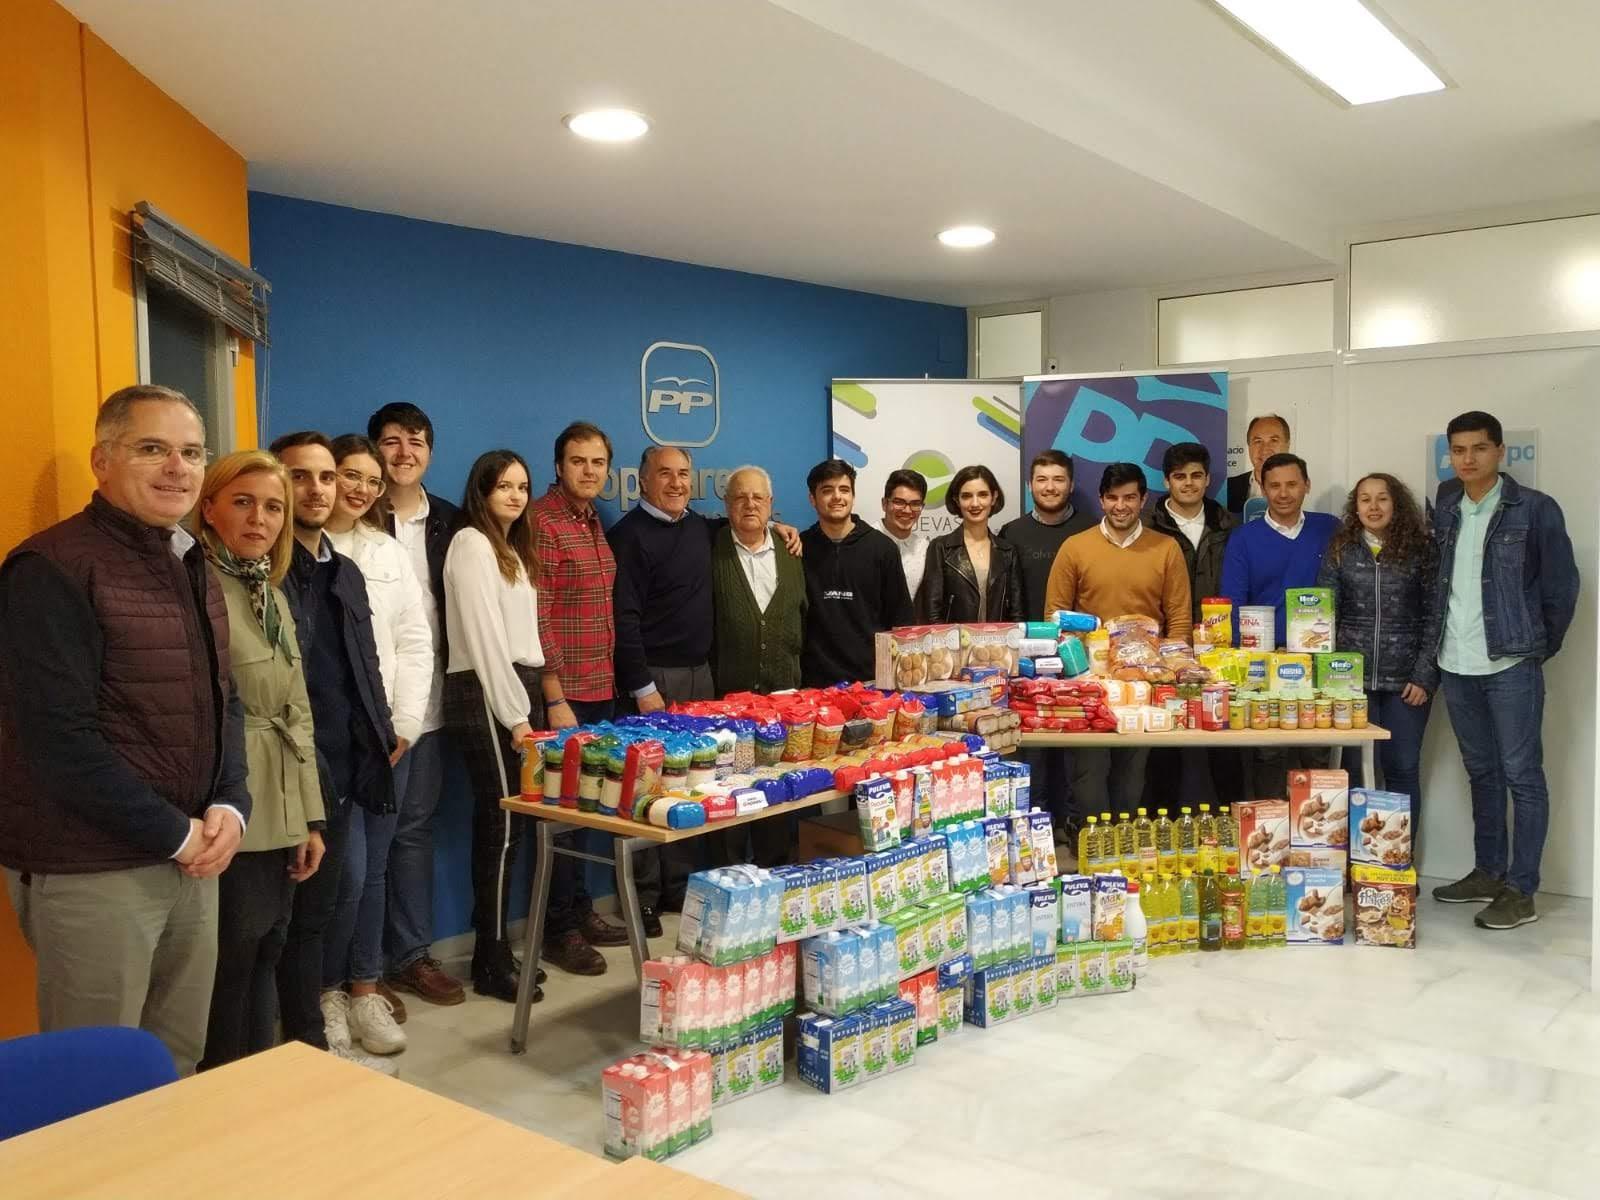 Nuevas Generaciones del PP entregan 426 paquetes de comida al Banco de Alimentos